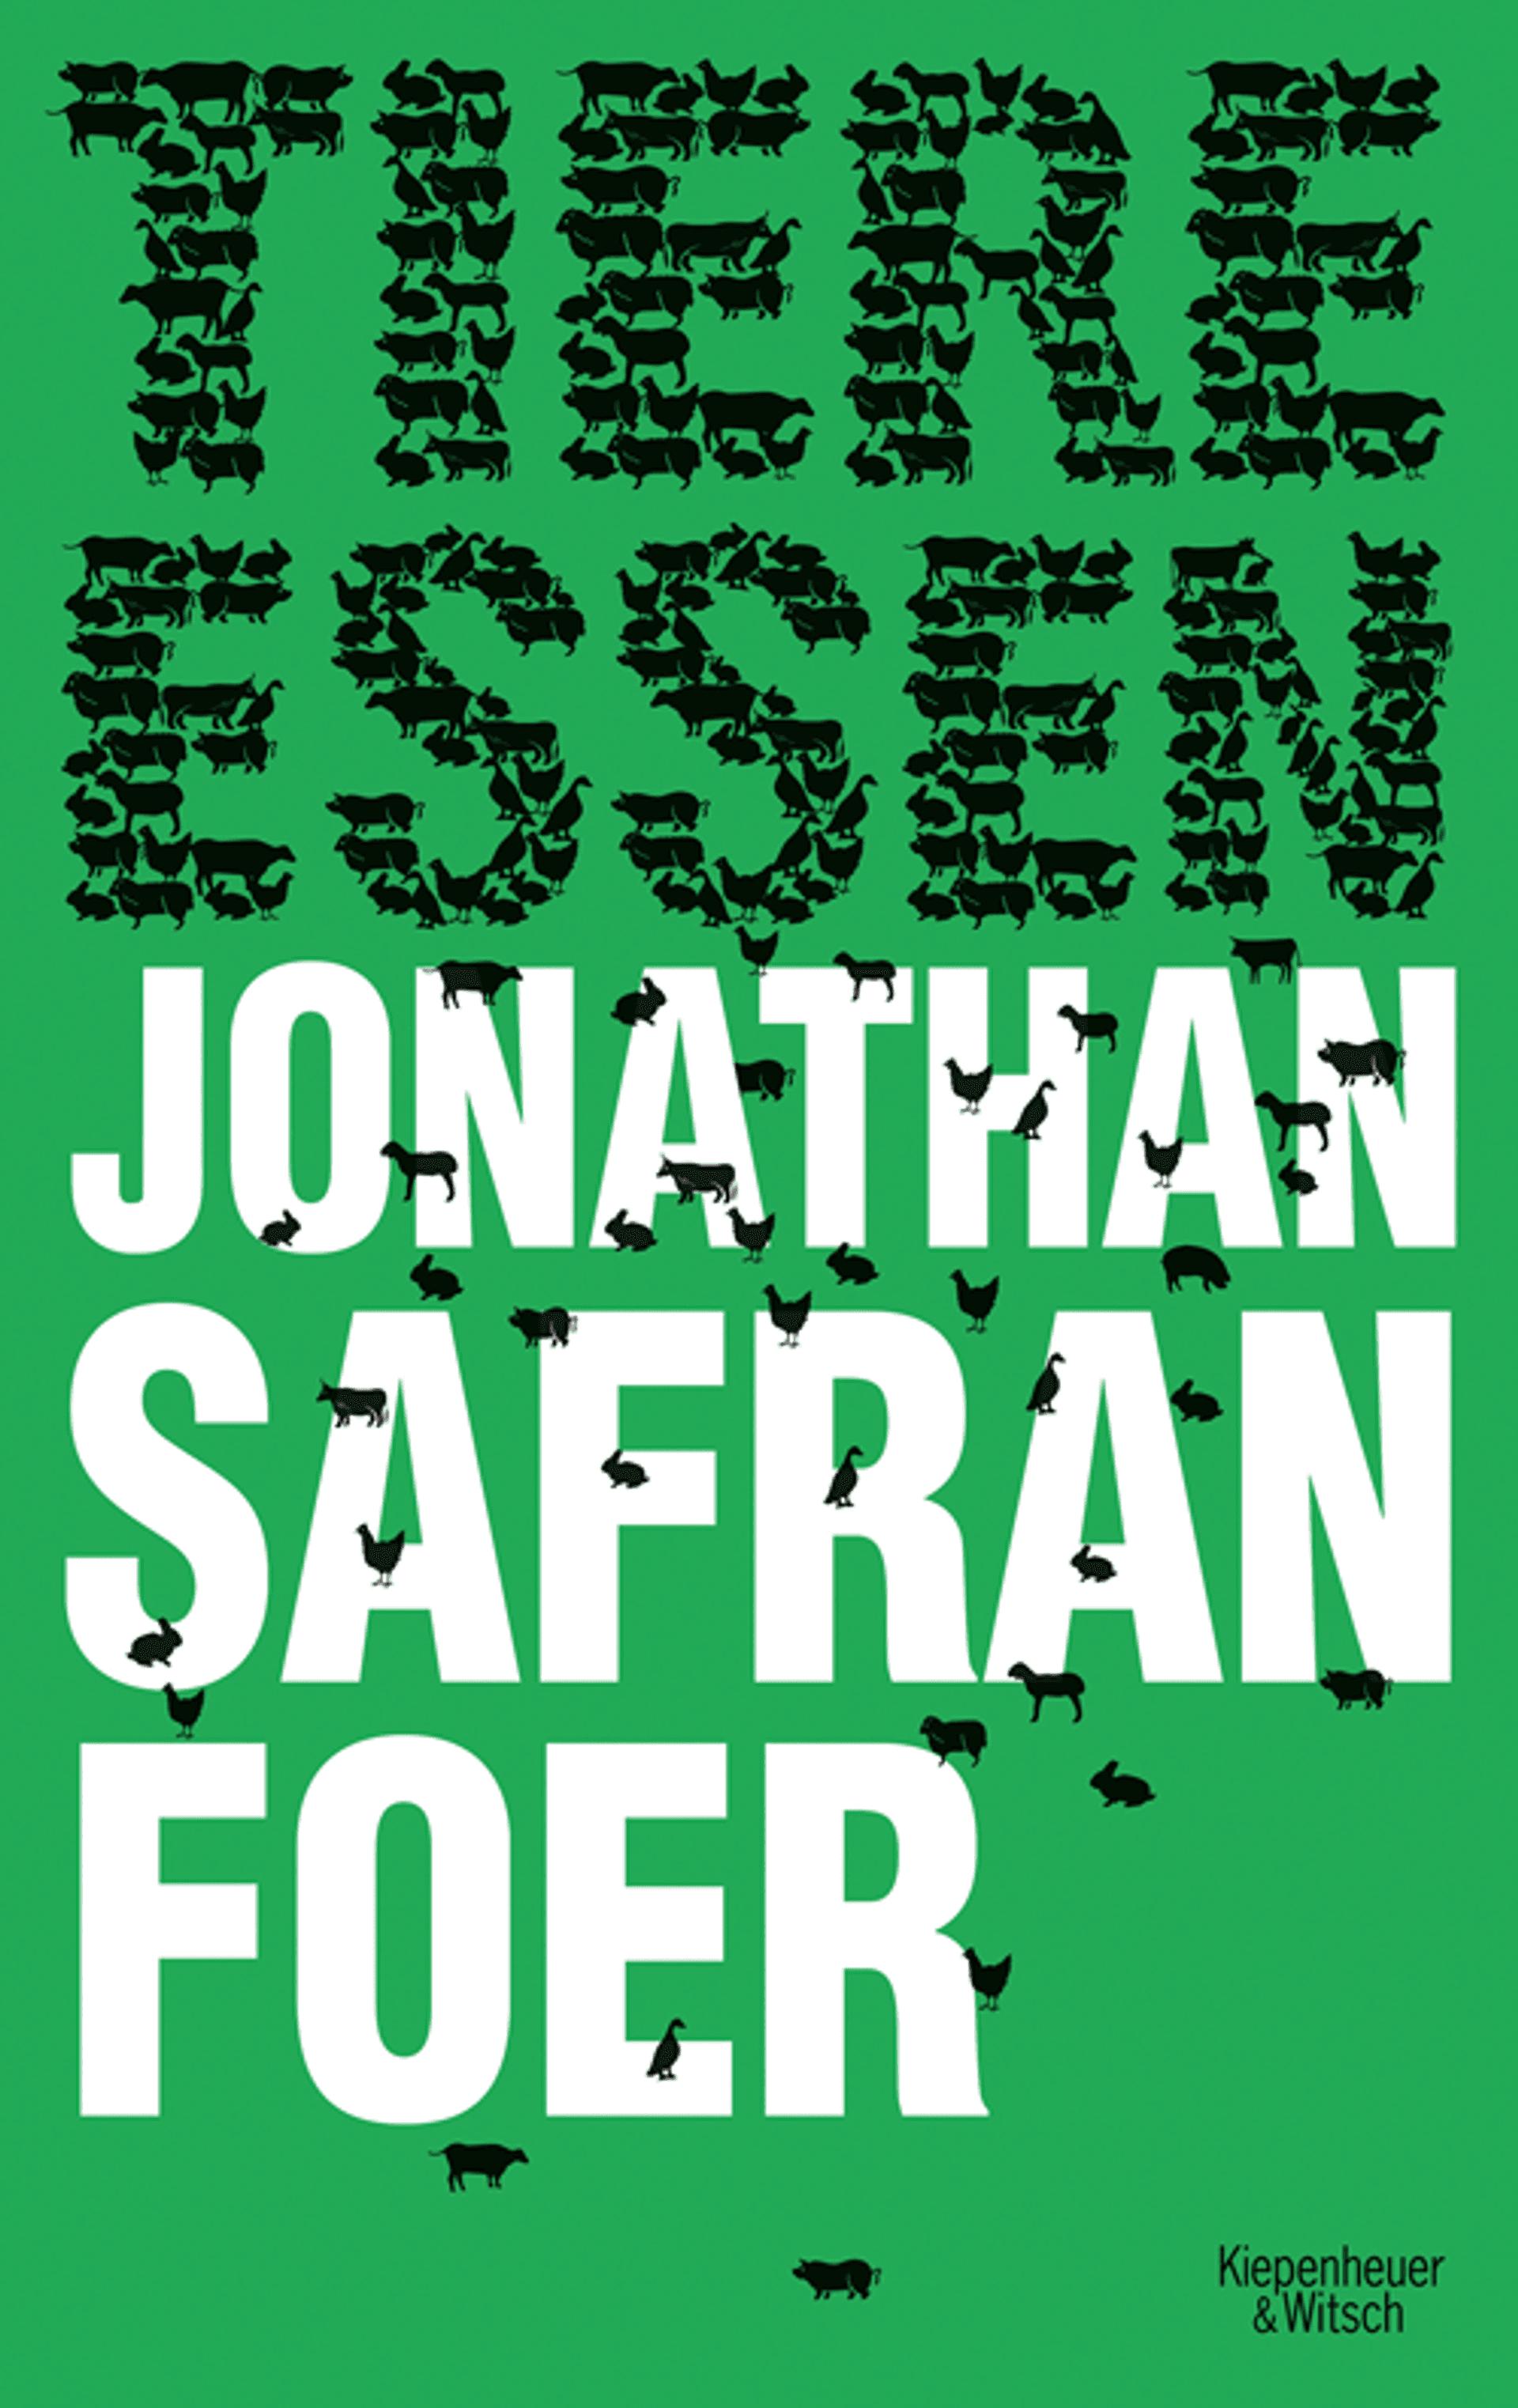 Ein grünes Buchcover, auf dem schwarze Tiere die Wörter